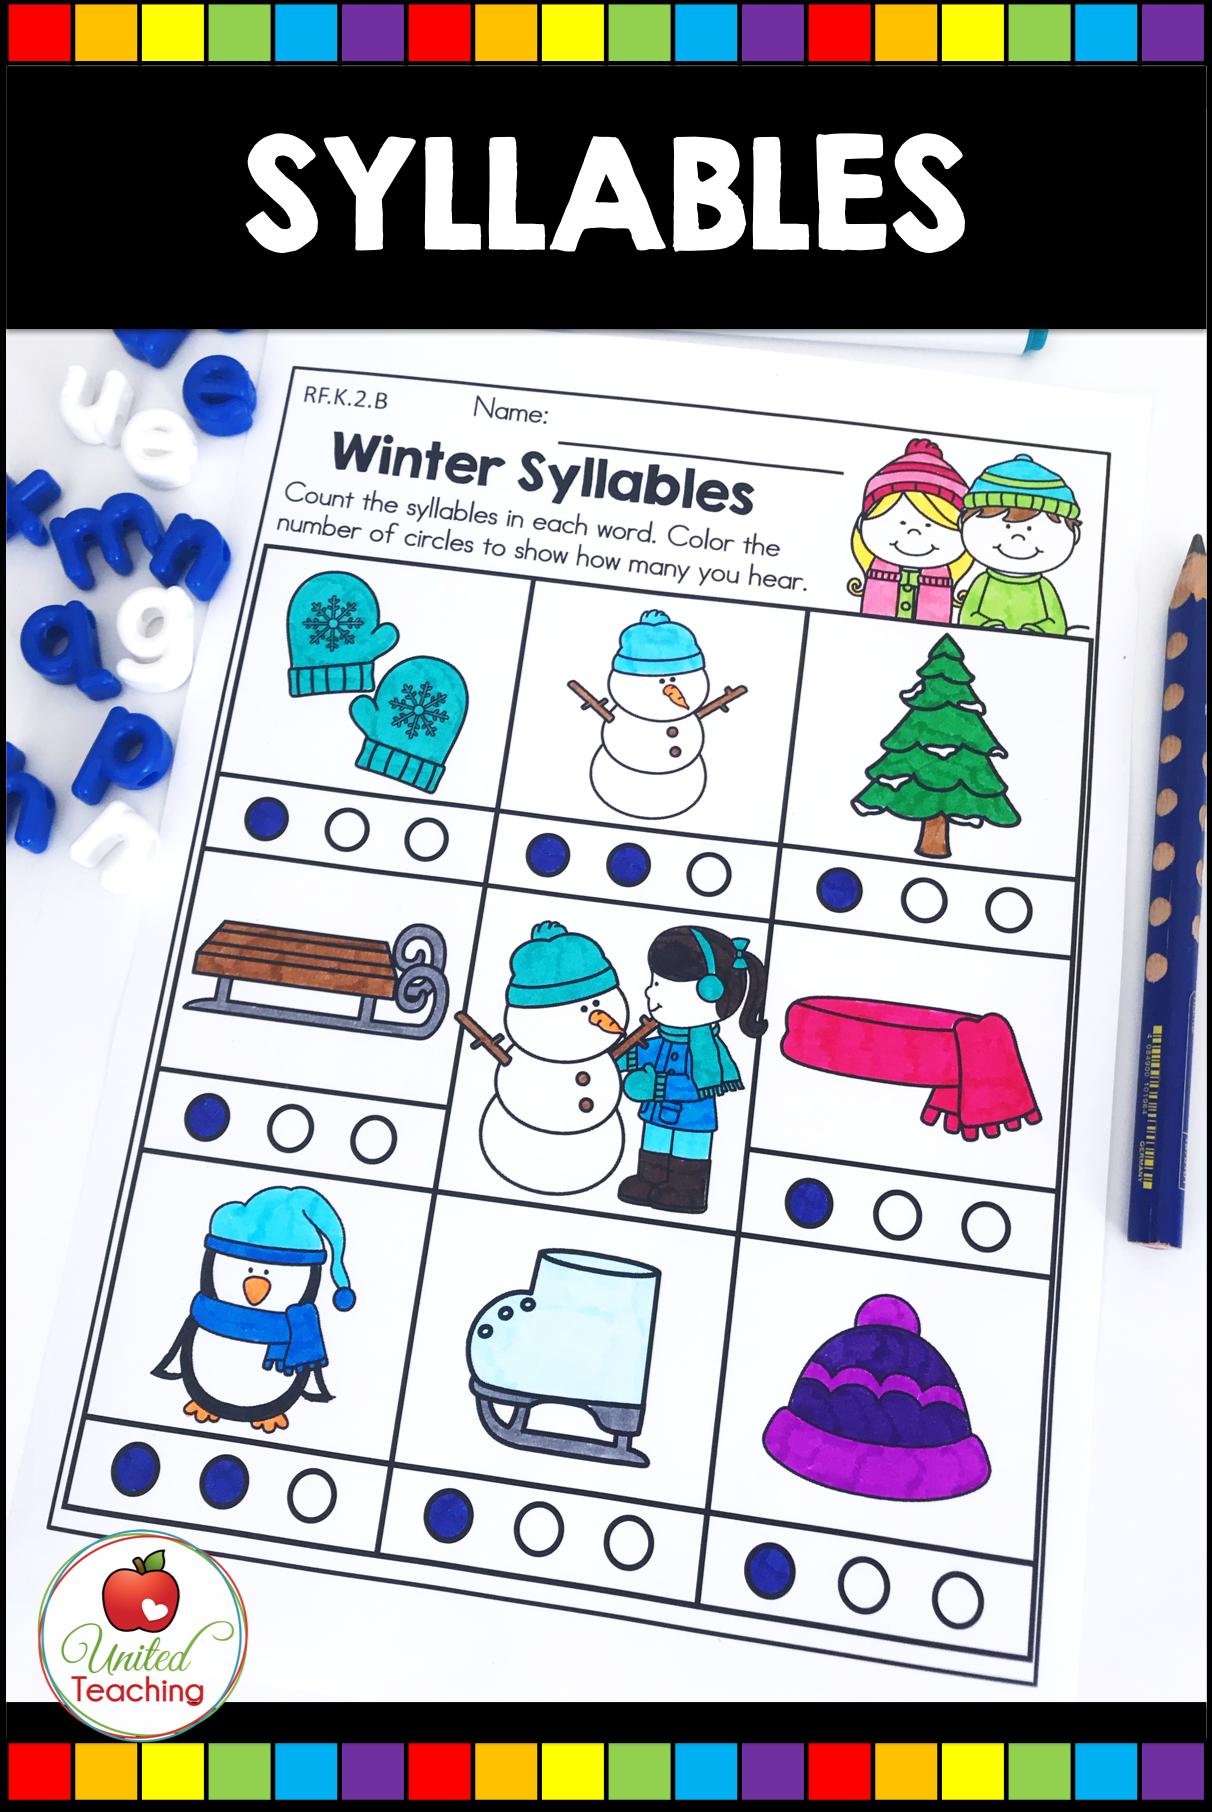 Winter Math And Literacy Kindergarten No Prep Activities Kindergarten Activities Winter Math Phonemic Awareness Activities [ 1812 x 1212 Pixel ]